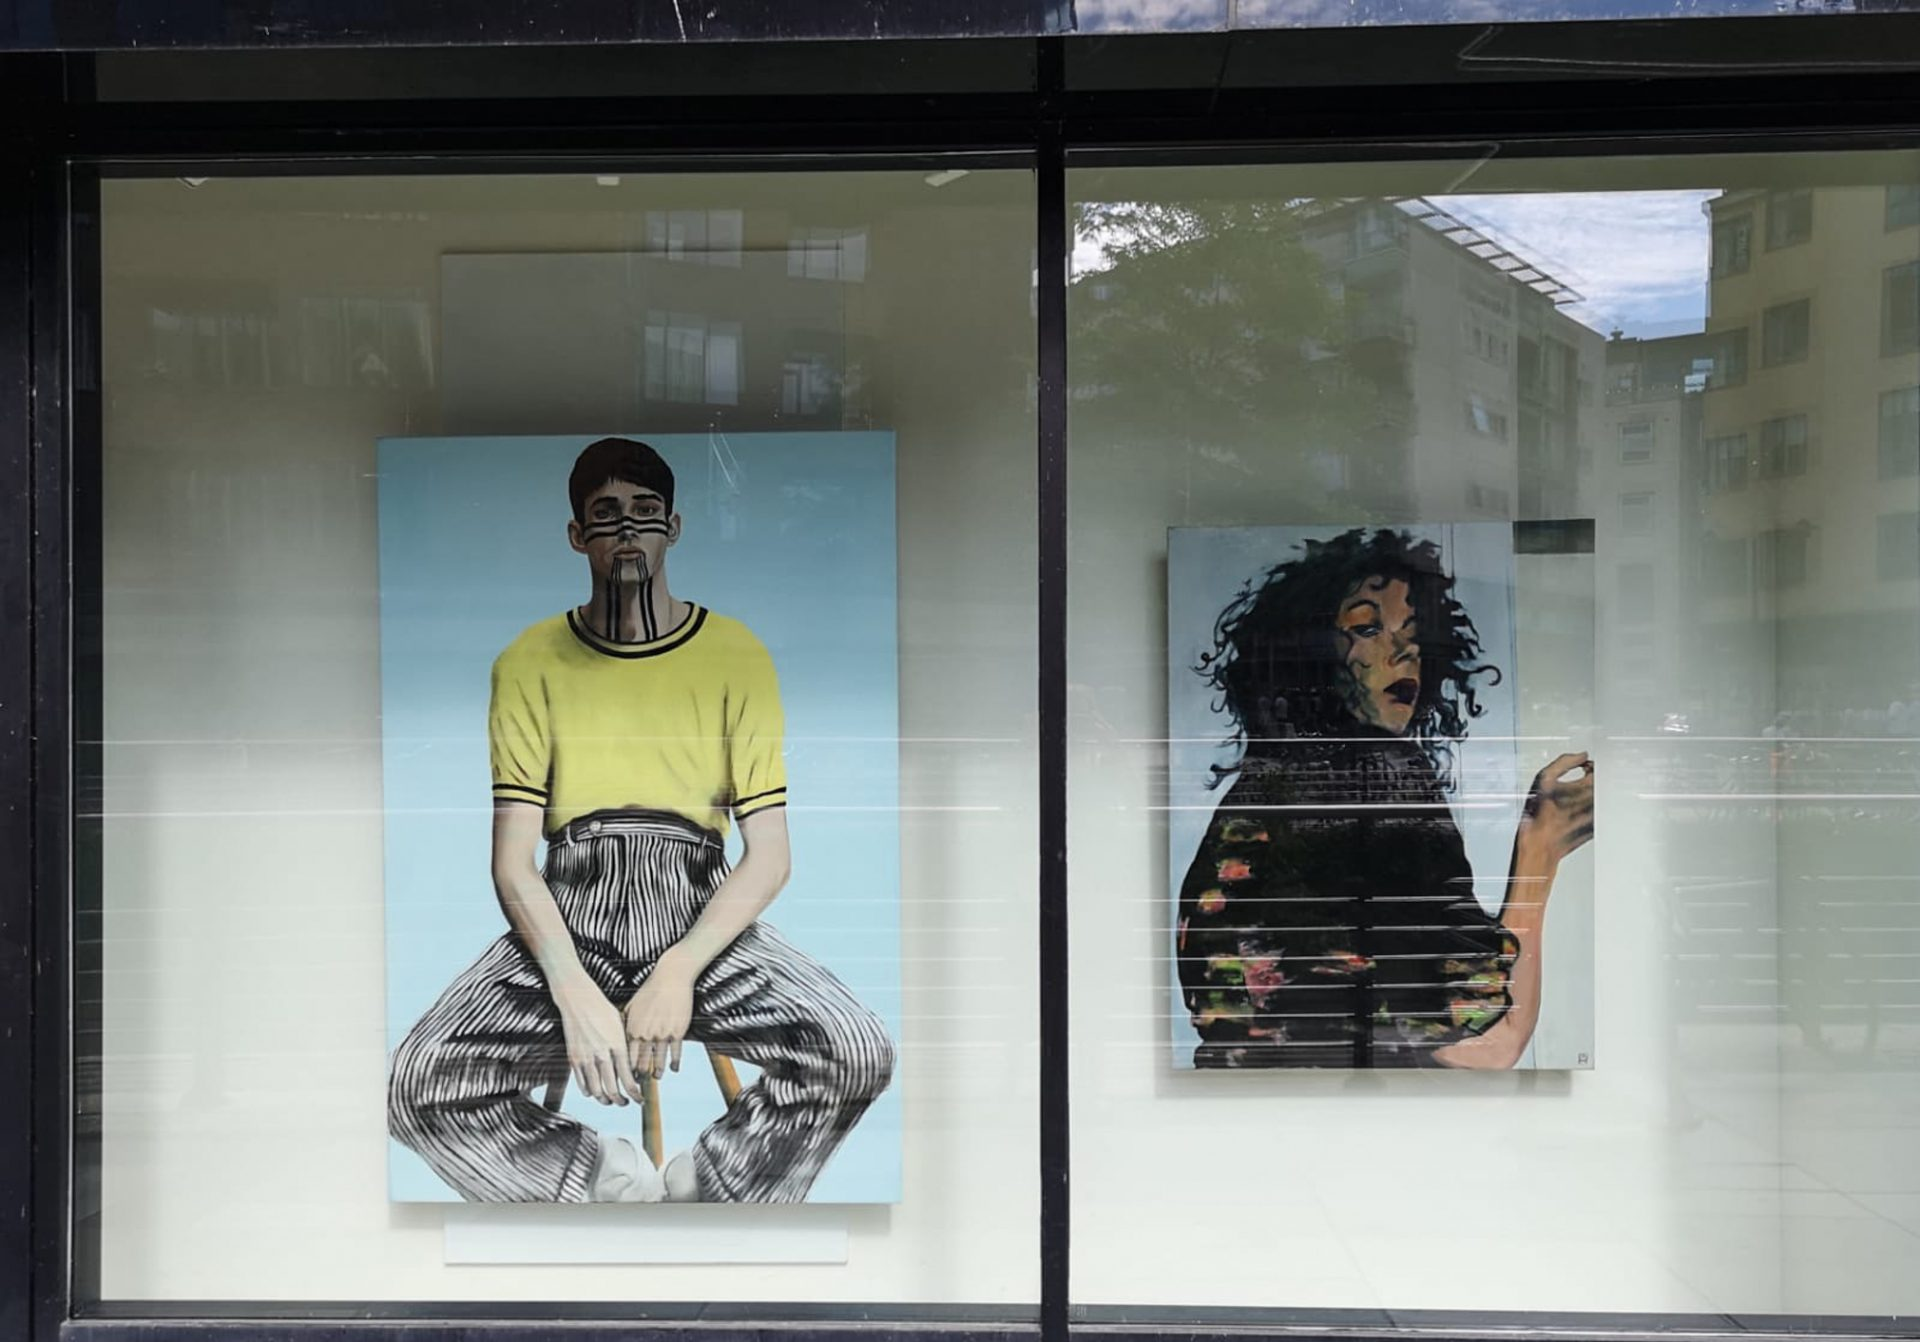 Støtter lokale kunstnere:Magasin udlåner facade til kreativ kunst og design